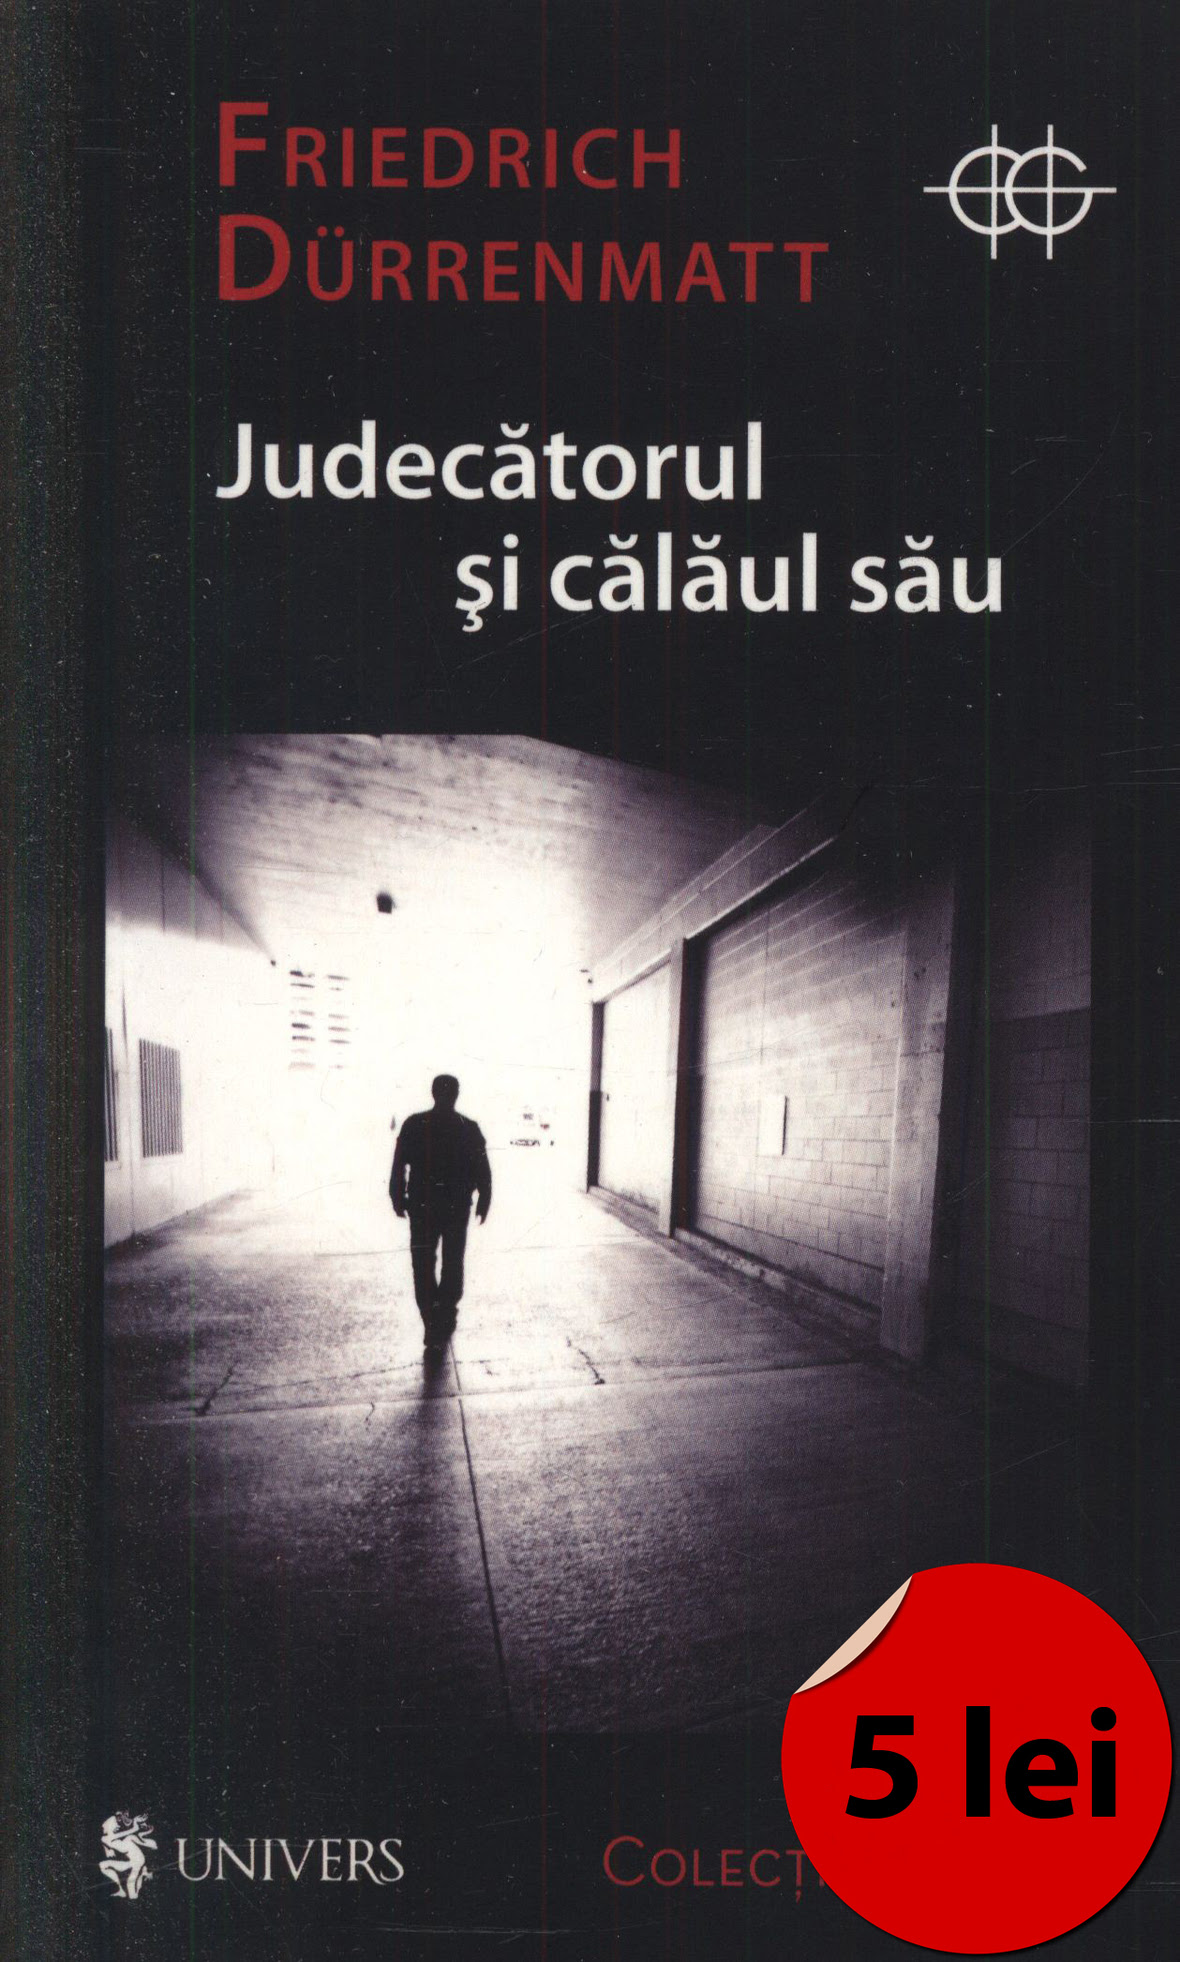 judecatorul-si-calaul-sau5lei